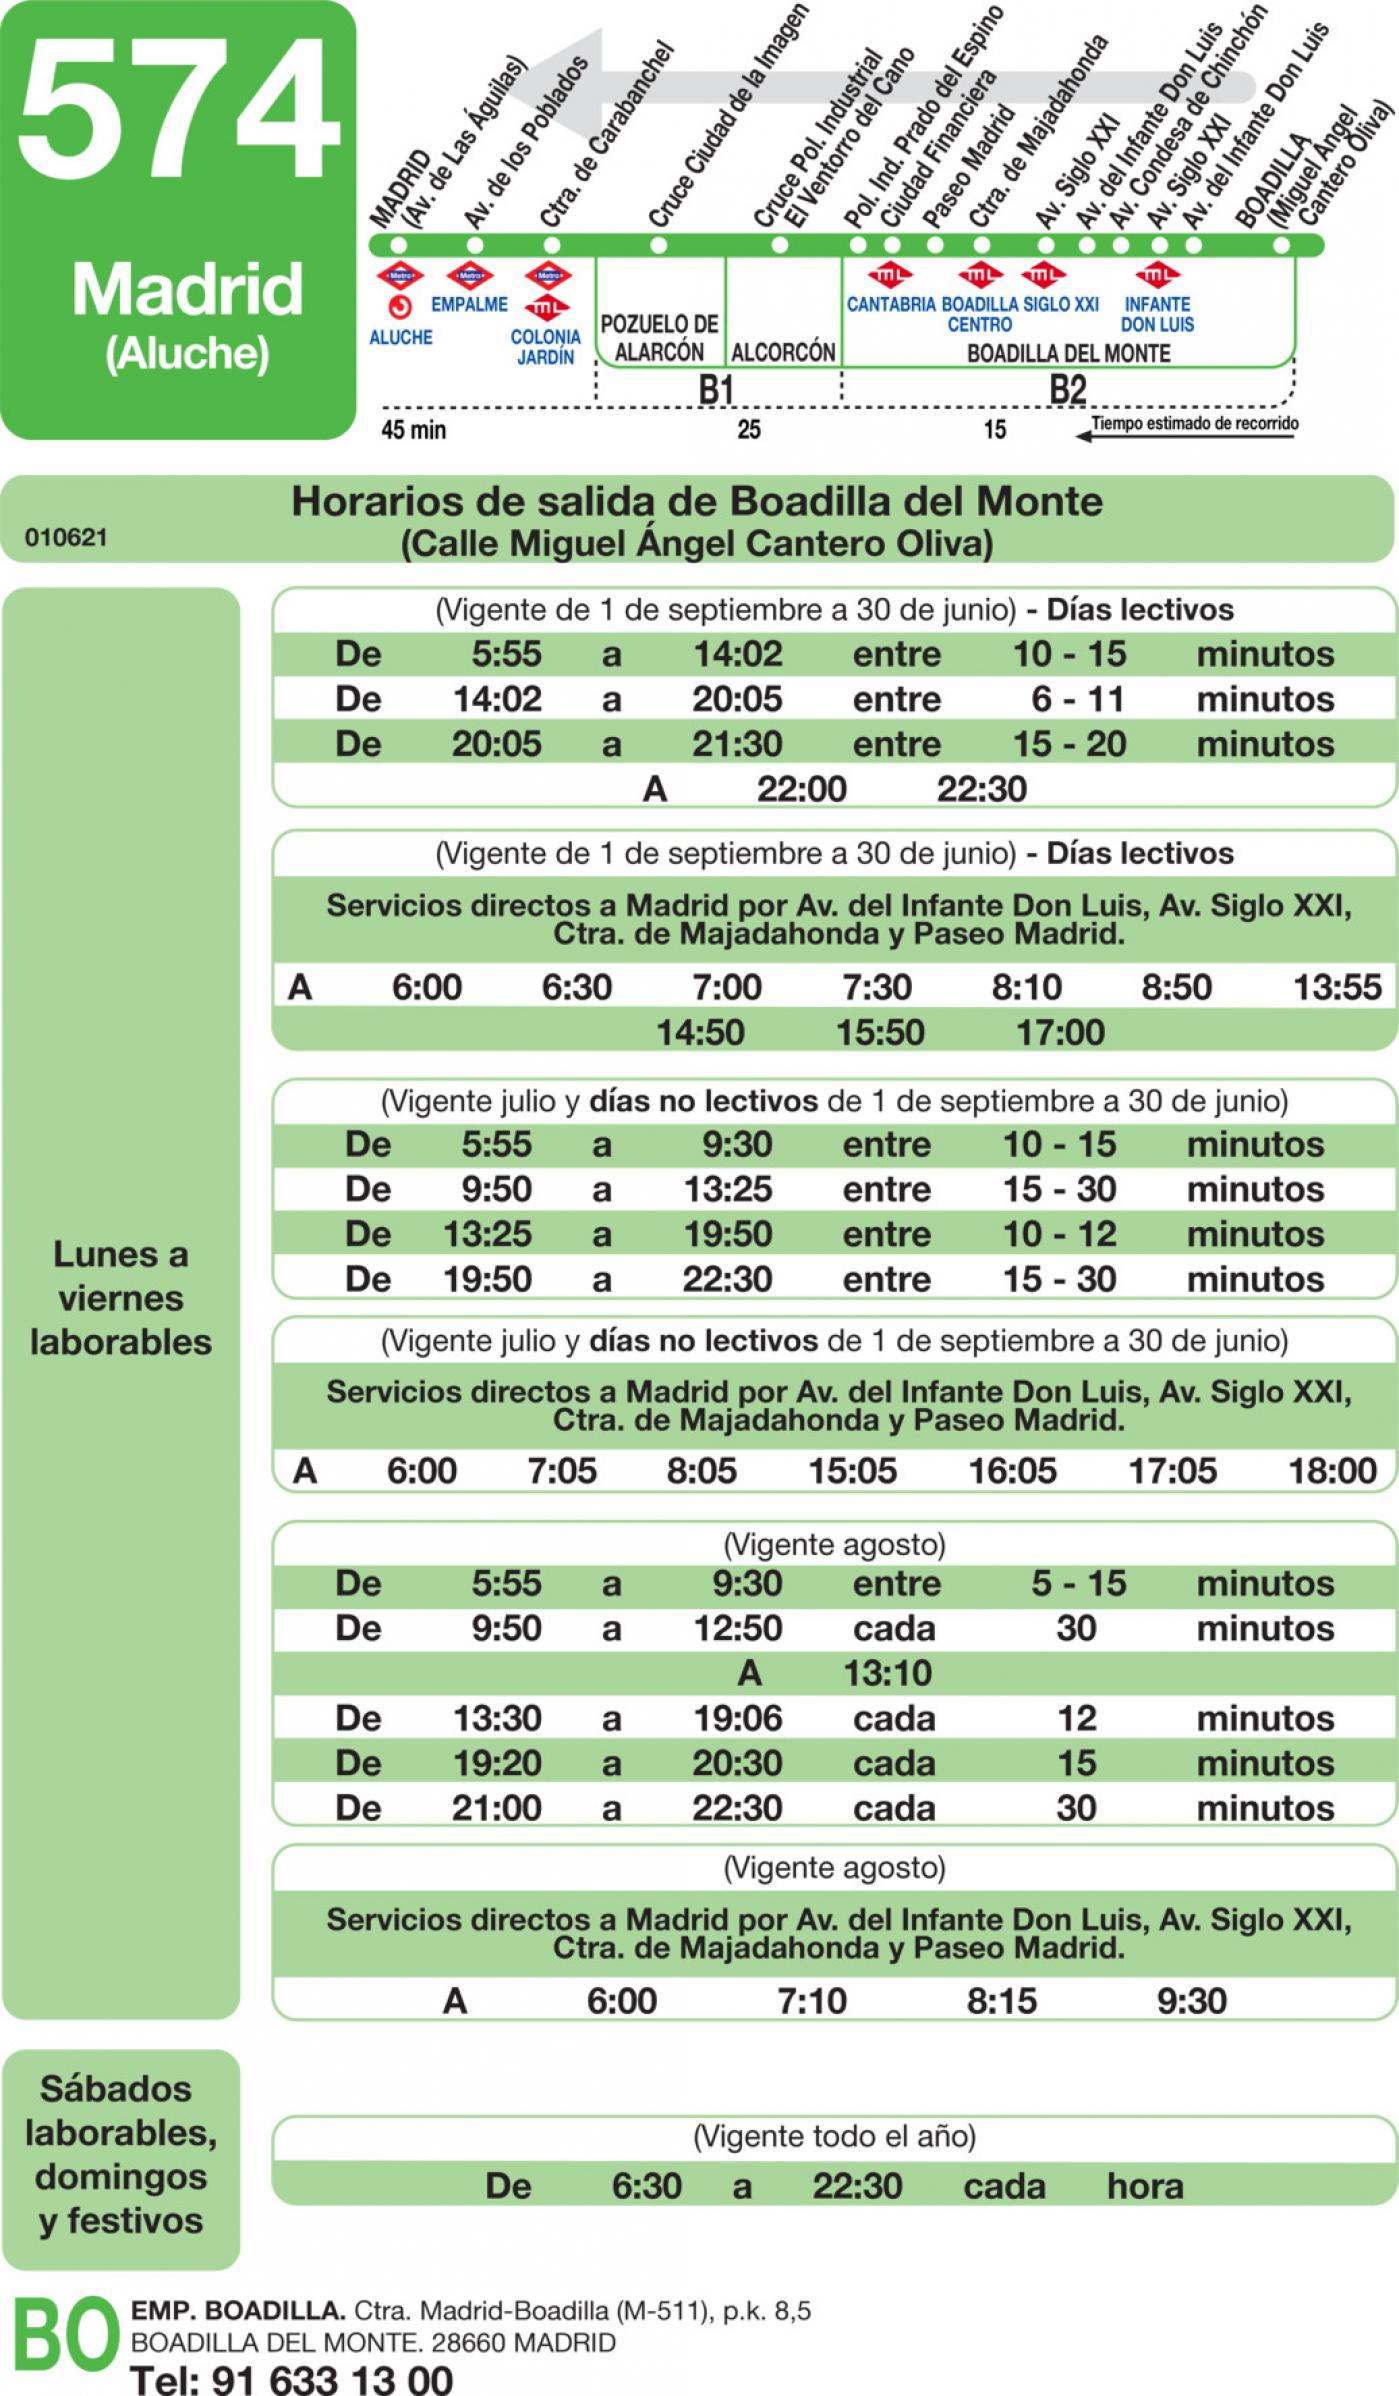 Tabla de horarios y frecuencias de paso en sentido vuelta Línea 574: Madrid (Aluche) - Boadilla del Monte (Ciudad Financiera)